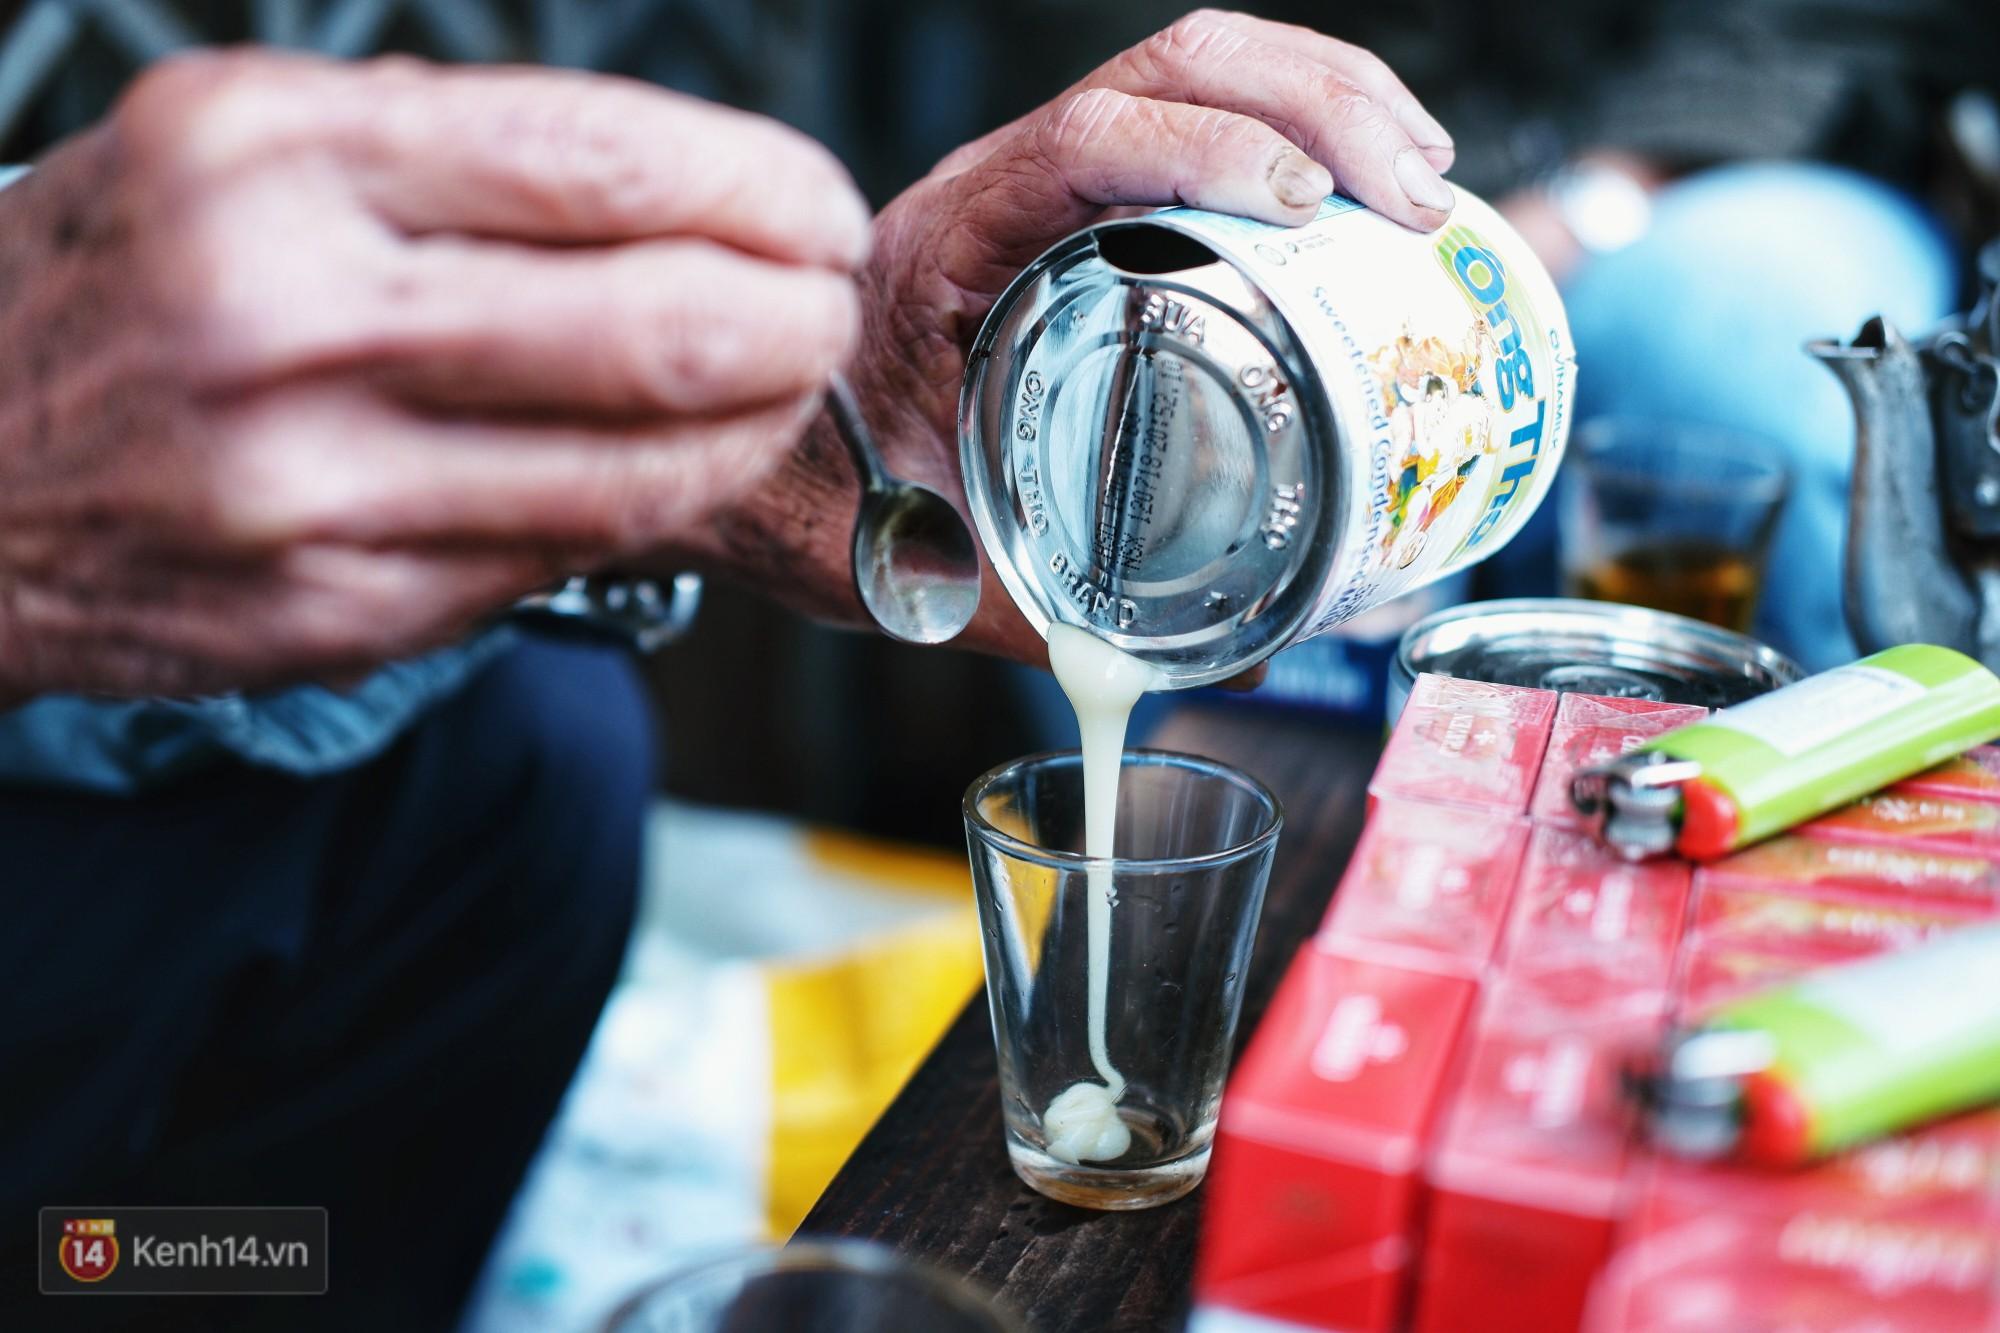 Quán cà phê vợt độc nhất vô nhị ở Đà Lạt, 30 năm chỉ bán từ 4 giờ sáng đến hơn 7 giờ sáng mỗi ngày - Ảnh 4.